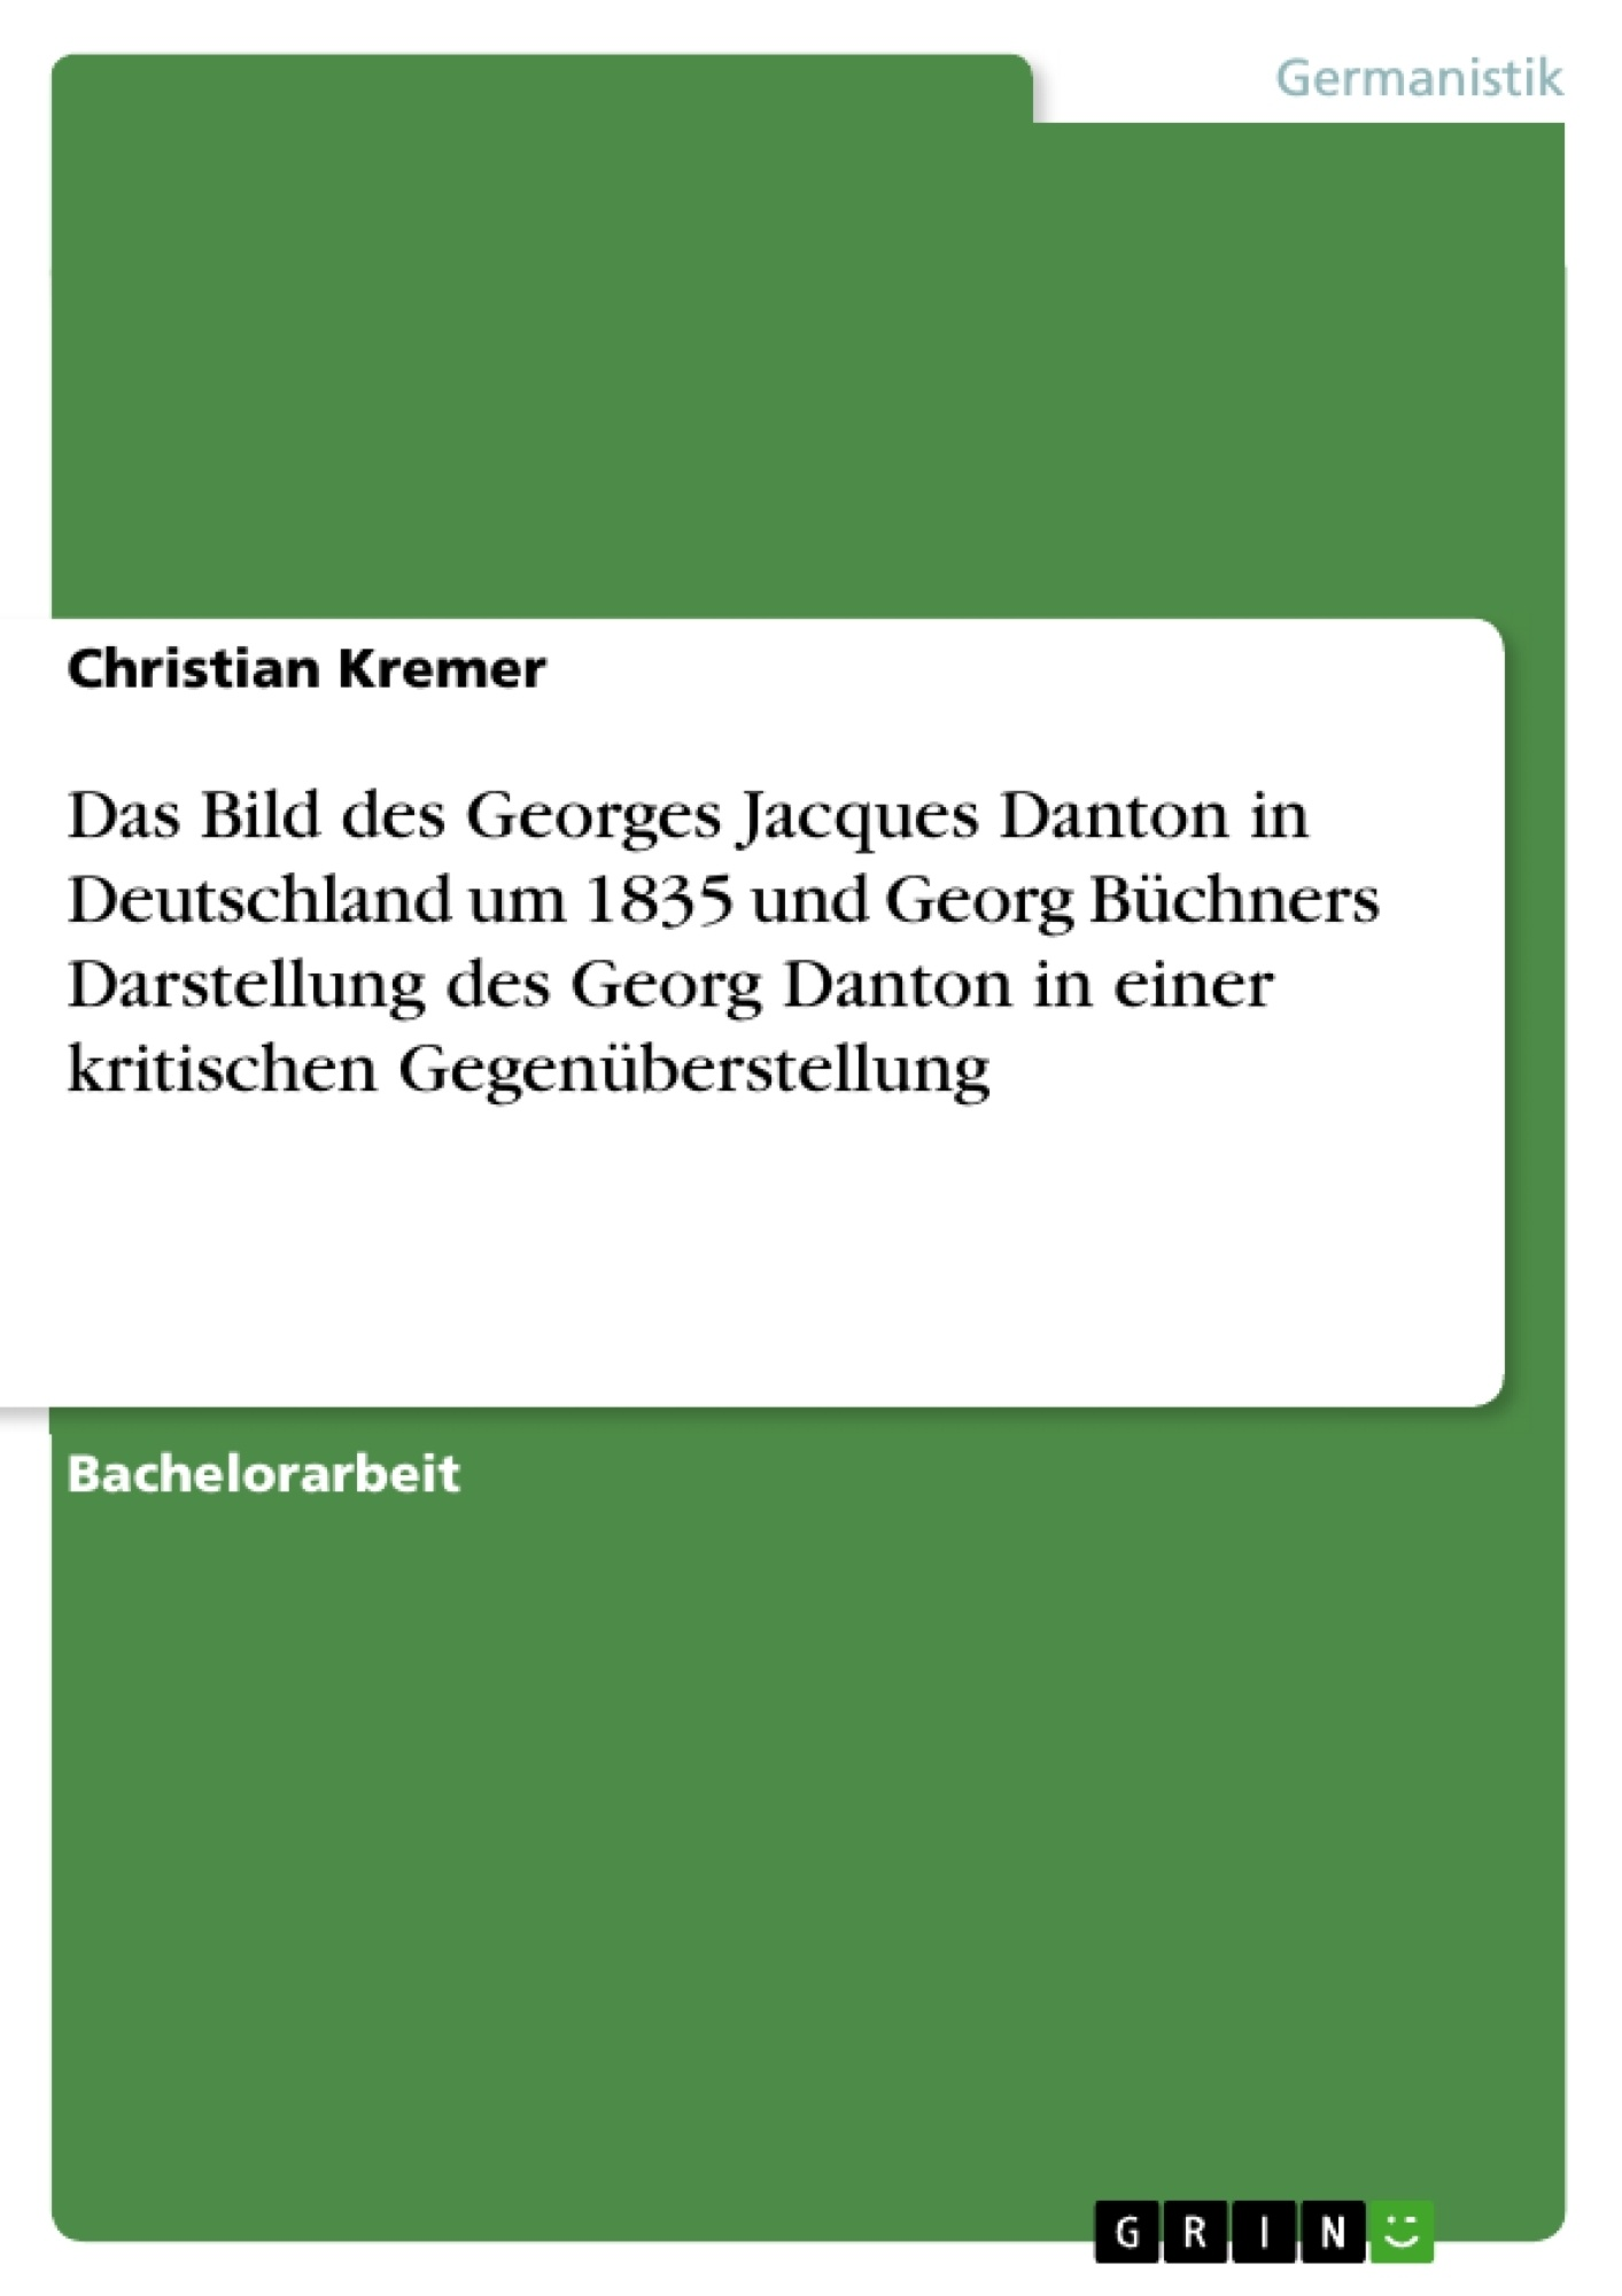 Titel: Das Bild des Georges Jacques Danton in Deutschland um 1835 und Georg Büchners Darstellung des Georg Danton in einer kritischen Gegenüberstellung